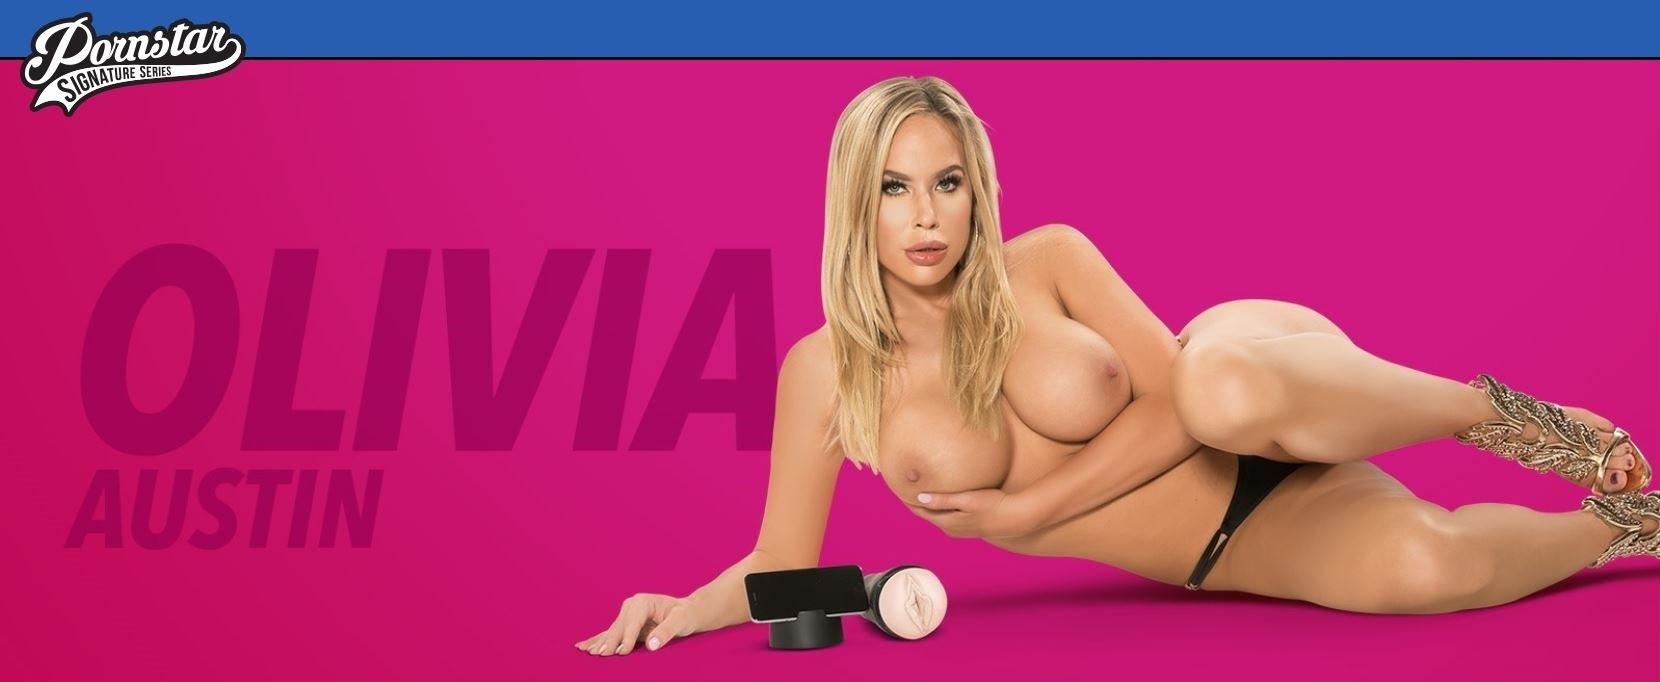 Pornstar Pussy - Olivia Austin